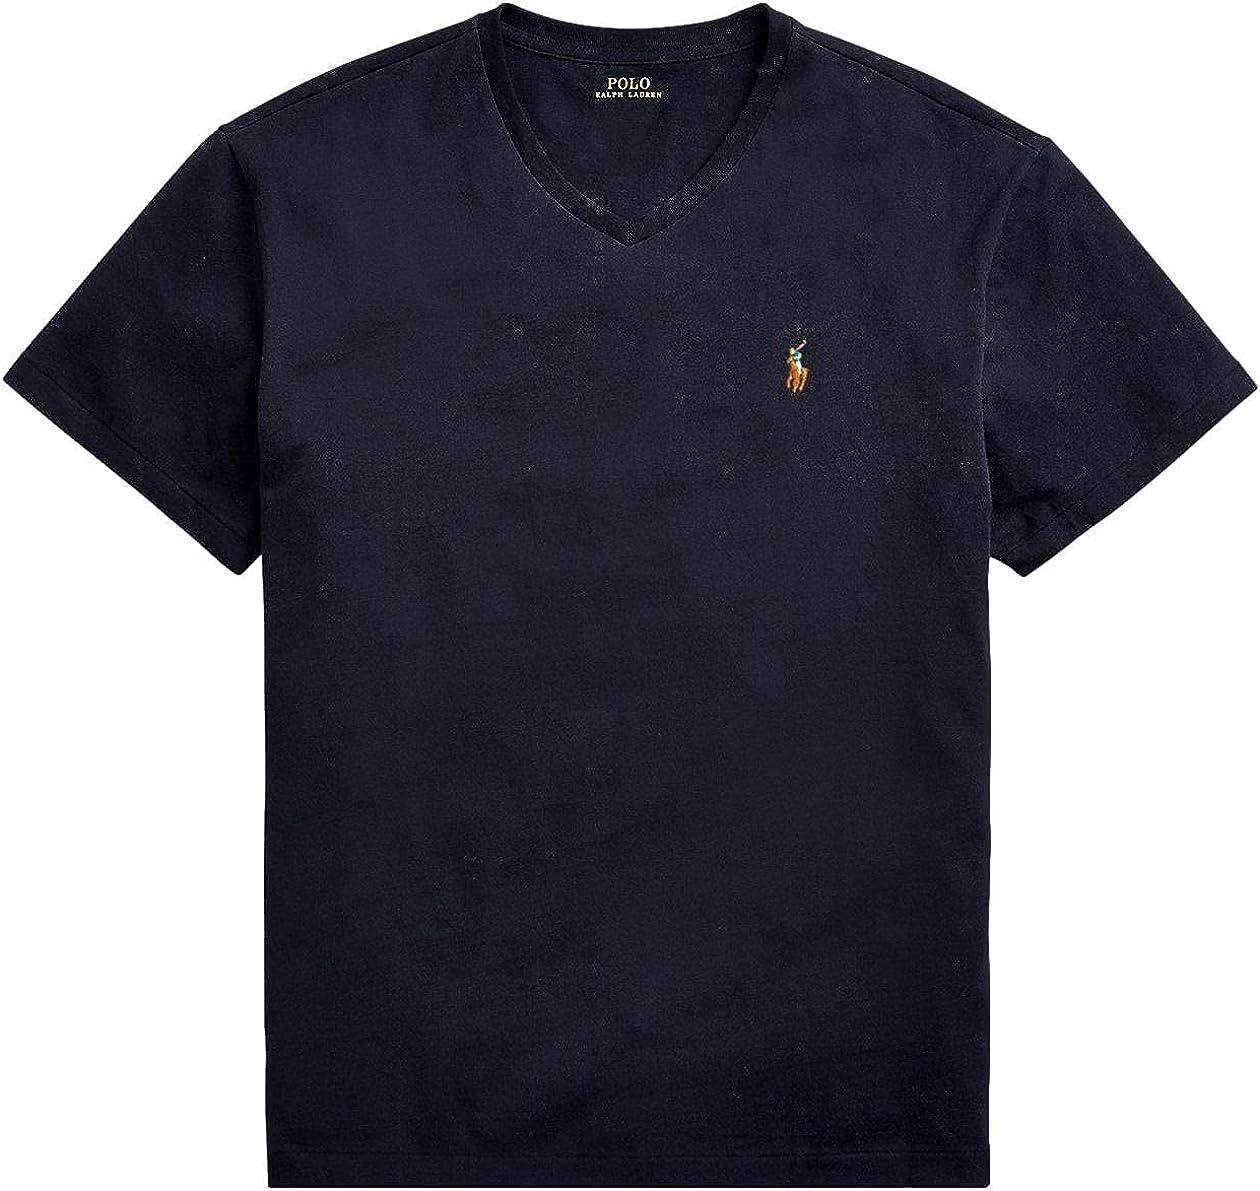 Polo Ralph Lauren Mens Big and Tall T-Shirt Jersey V-Neck T-Shirt